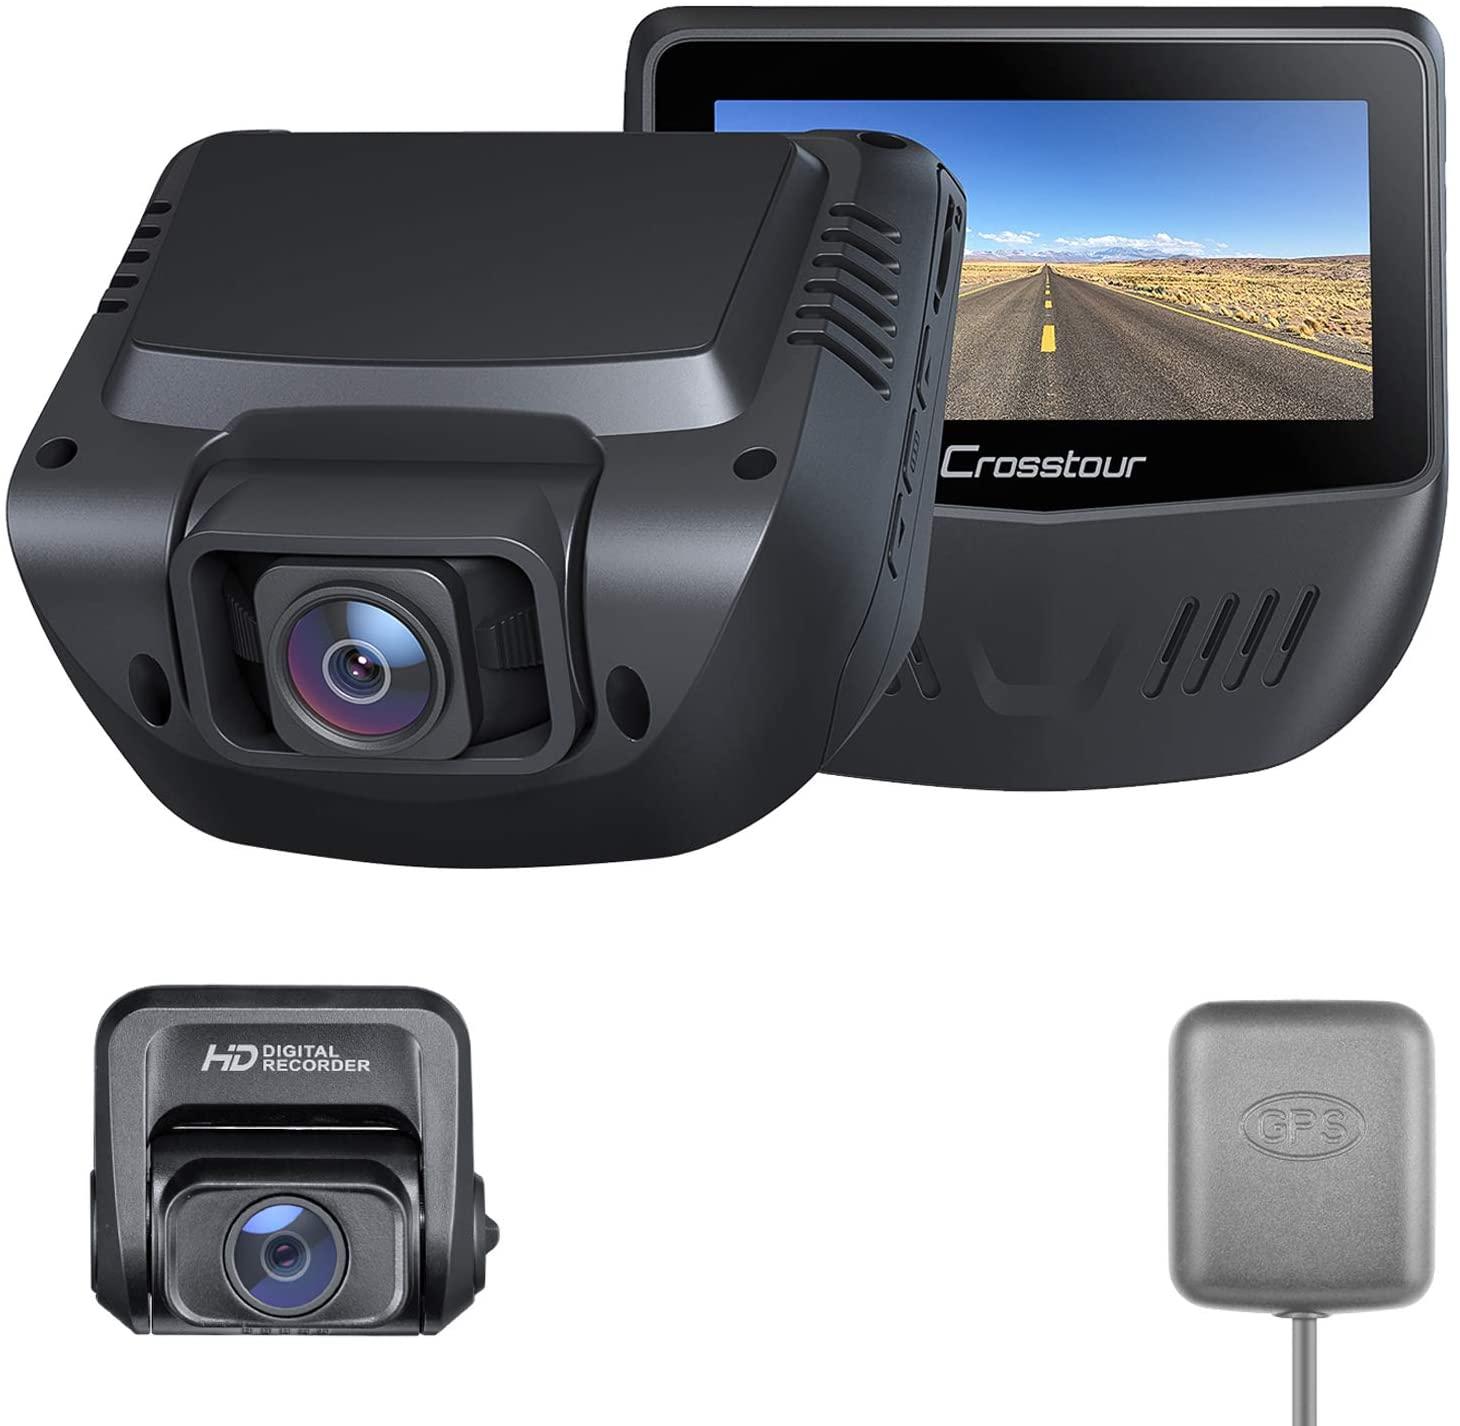 アマゾンで Crosstour ドライブレコーダー 前後カメラが割引クーポンを配信中。安物のNovatekのSoCを搭載。